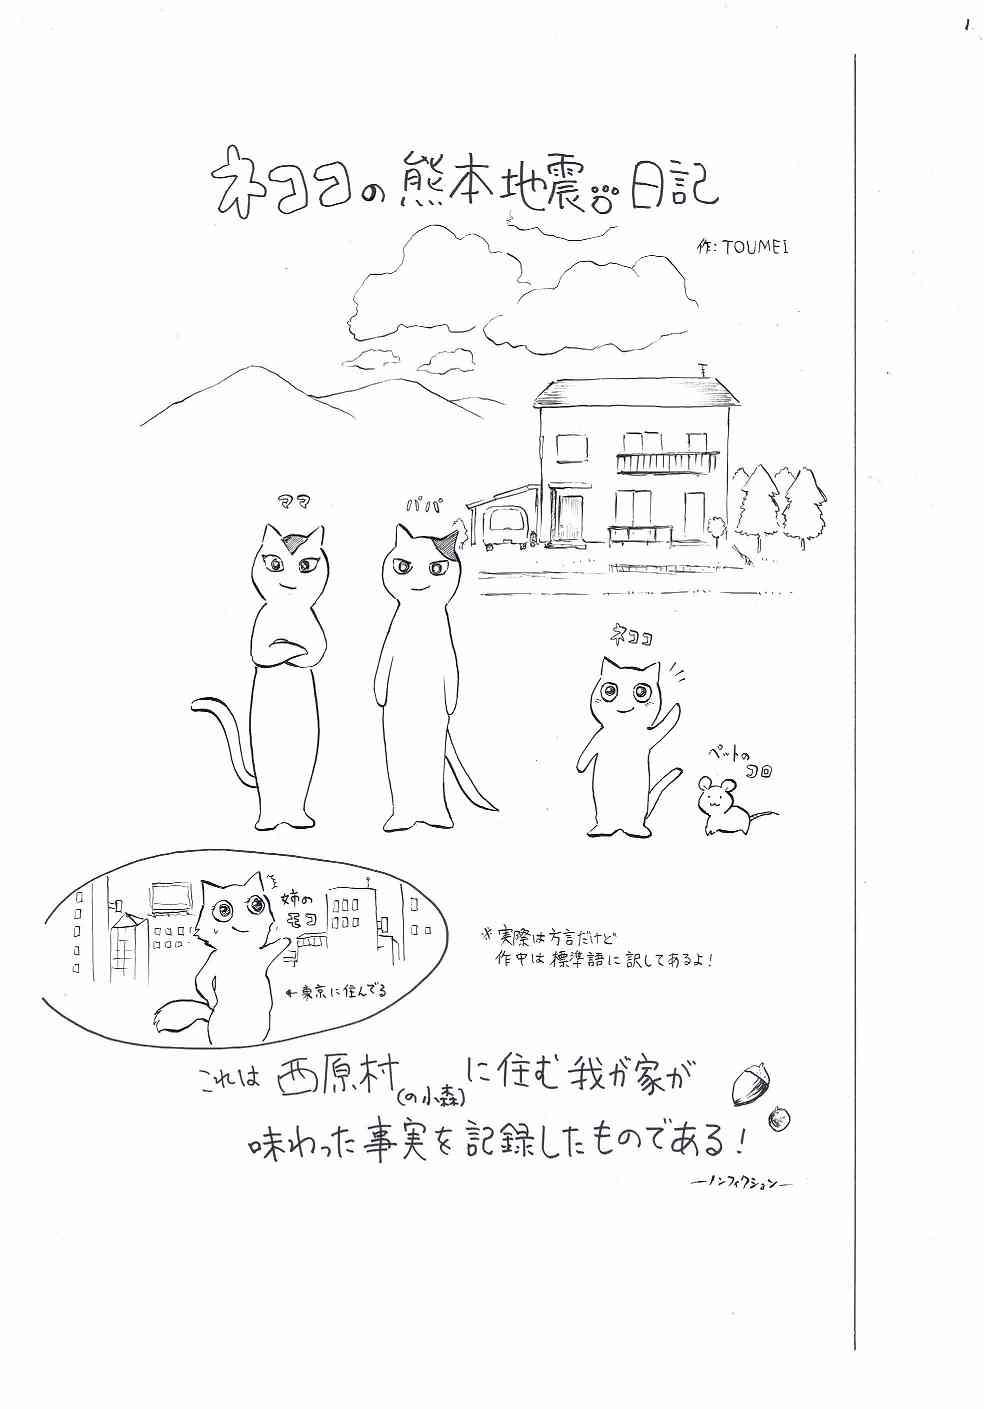 ネココの熊本地震日記 - 1ページ